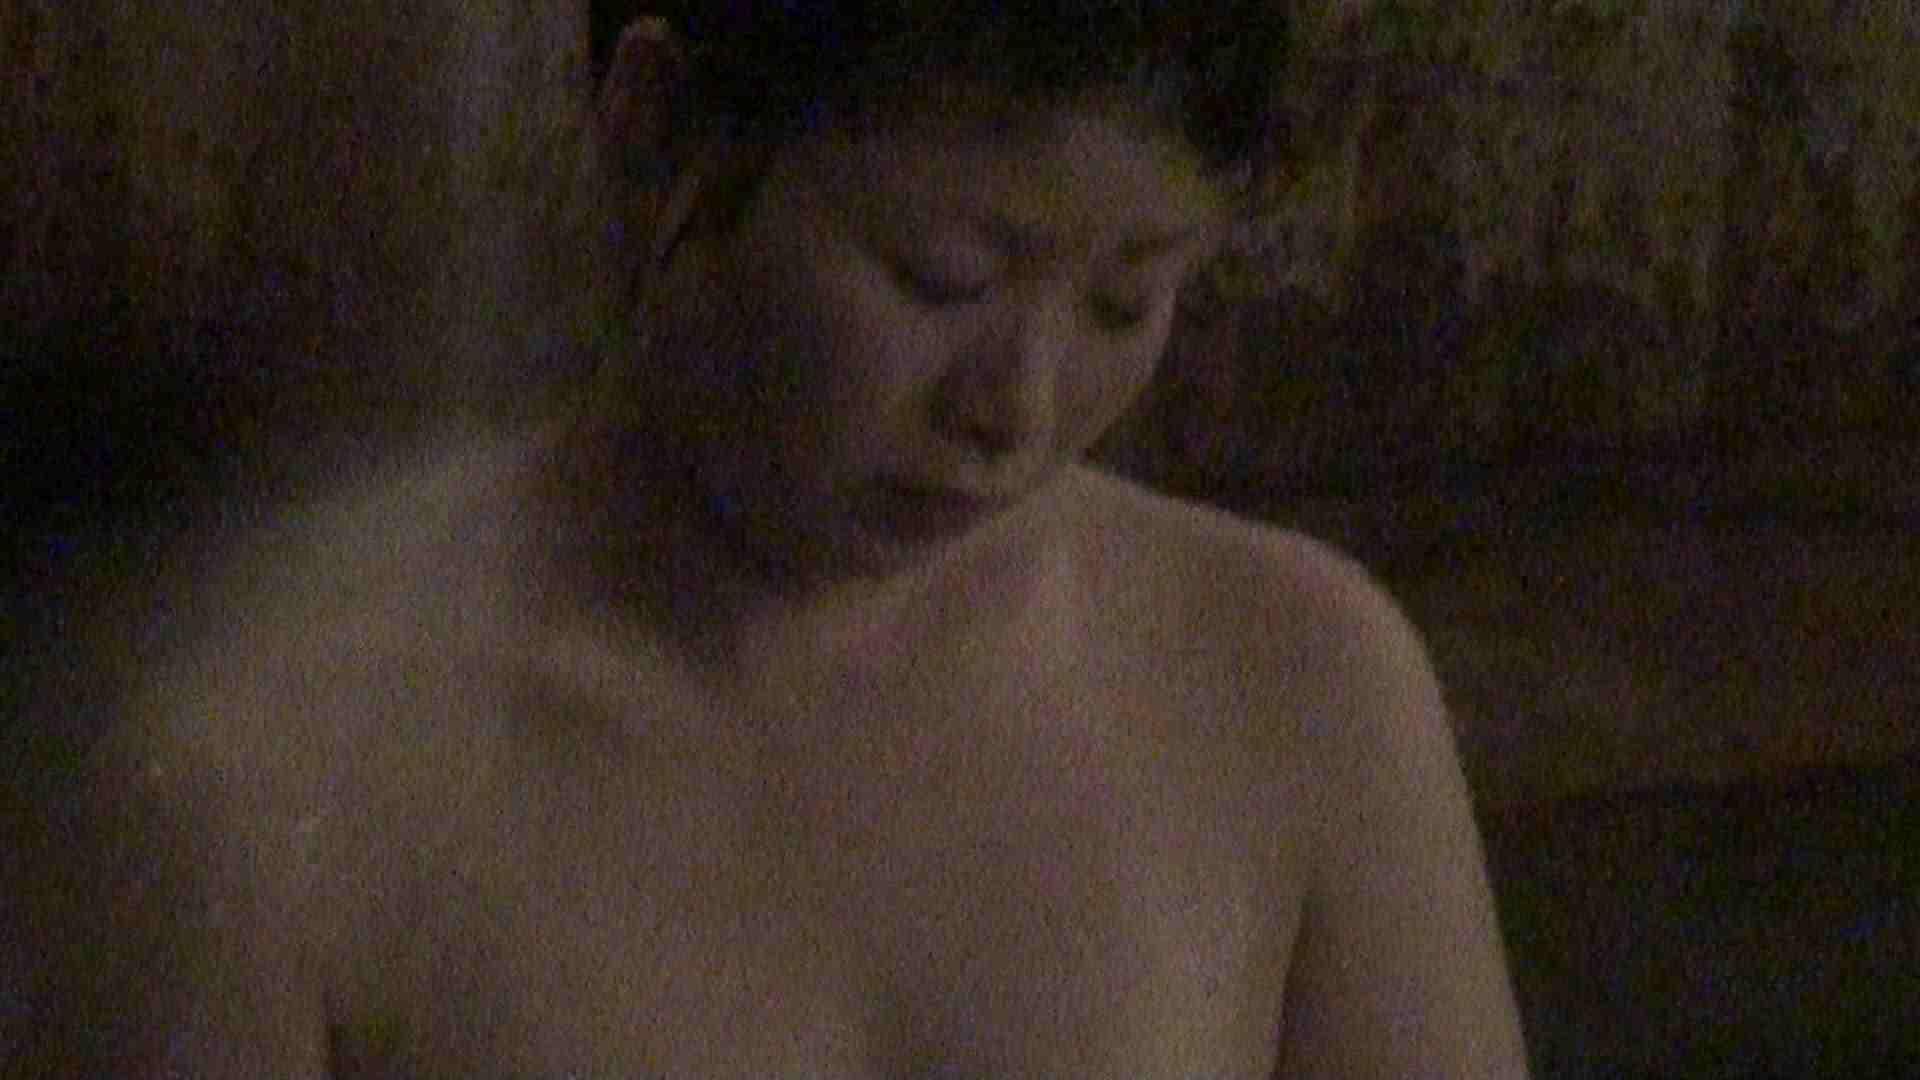 Aquaな露天風呂Vol.377 美しいOLの裸体 盗み撮り動画キャプチャ 105pic 56